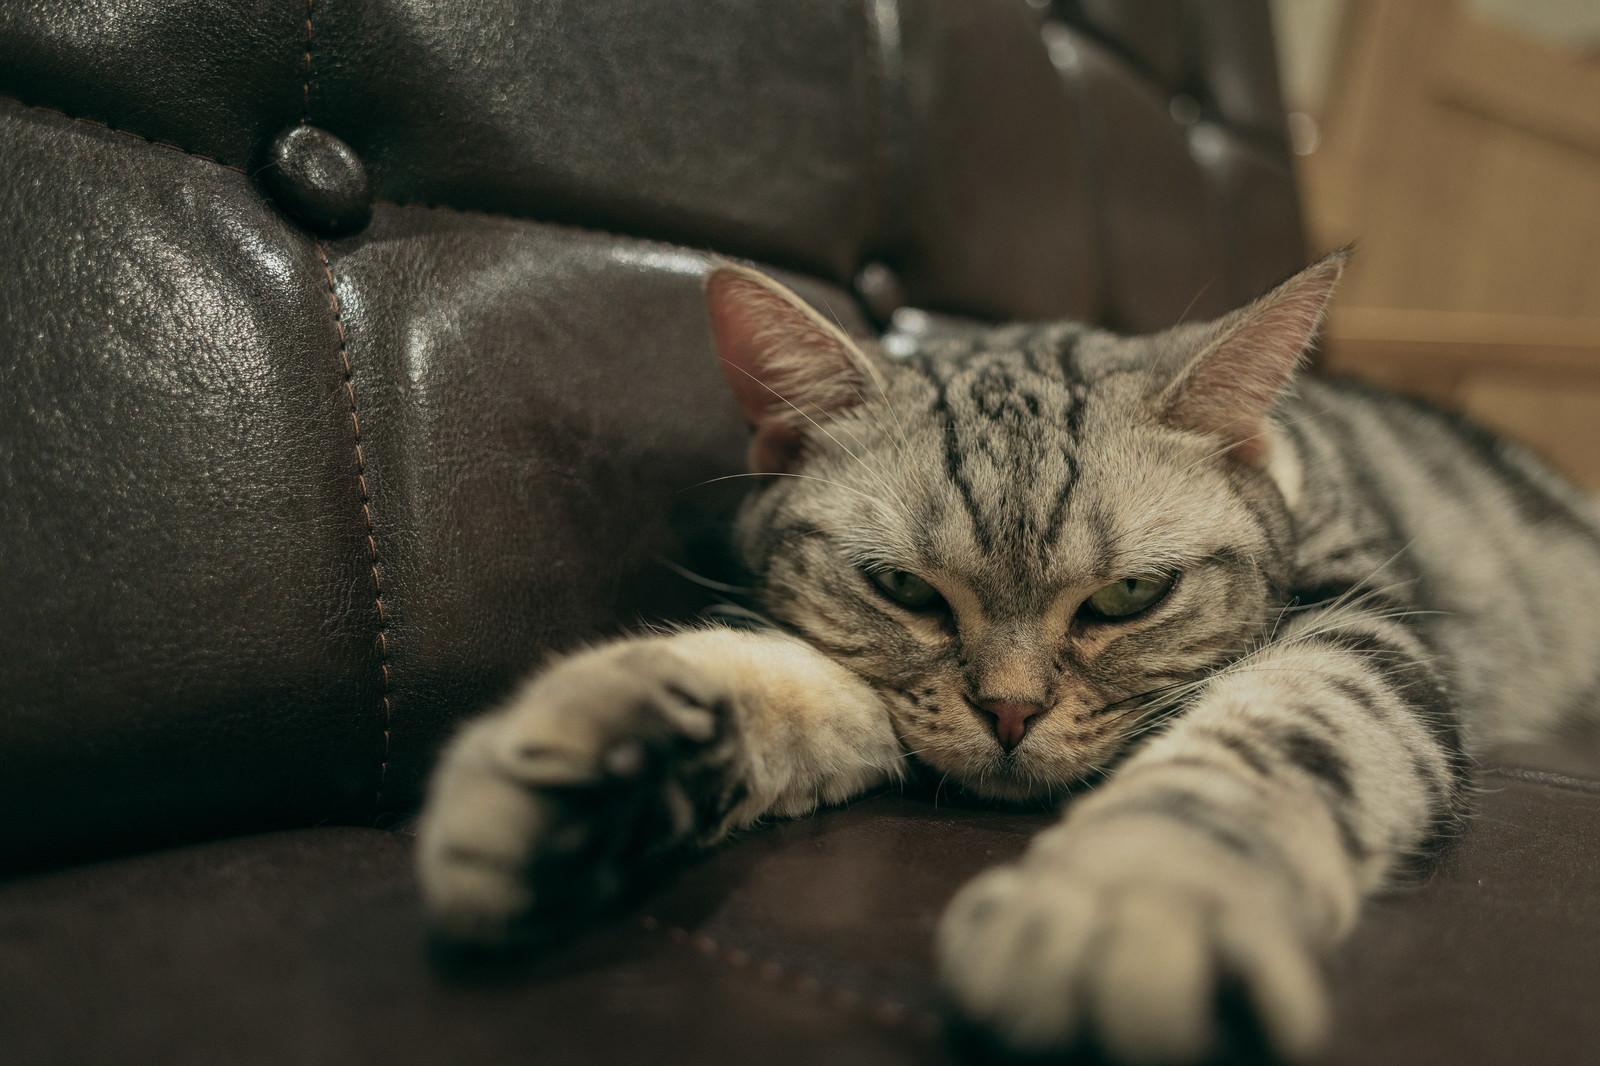 「ソファーで背伸びするニャンコ」の写真